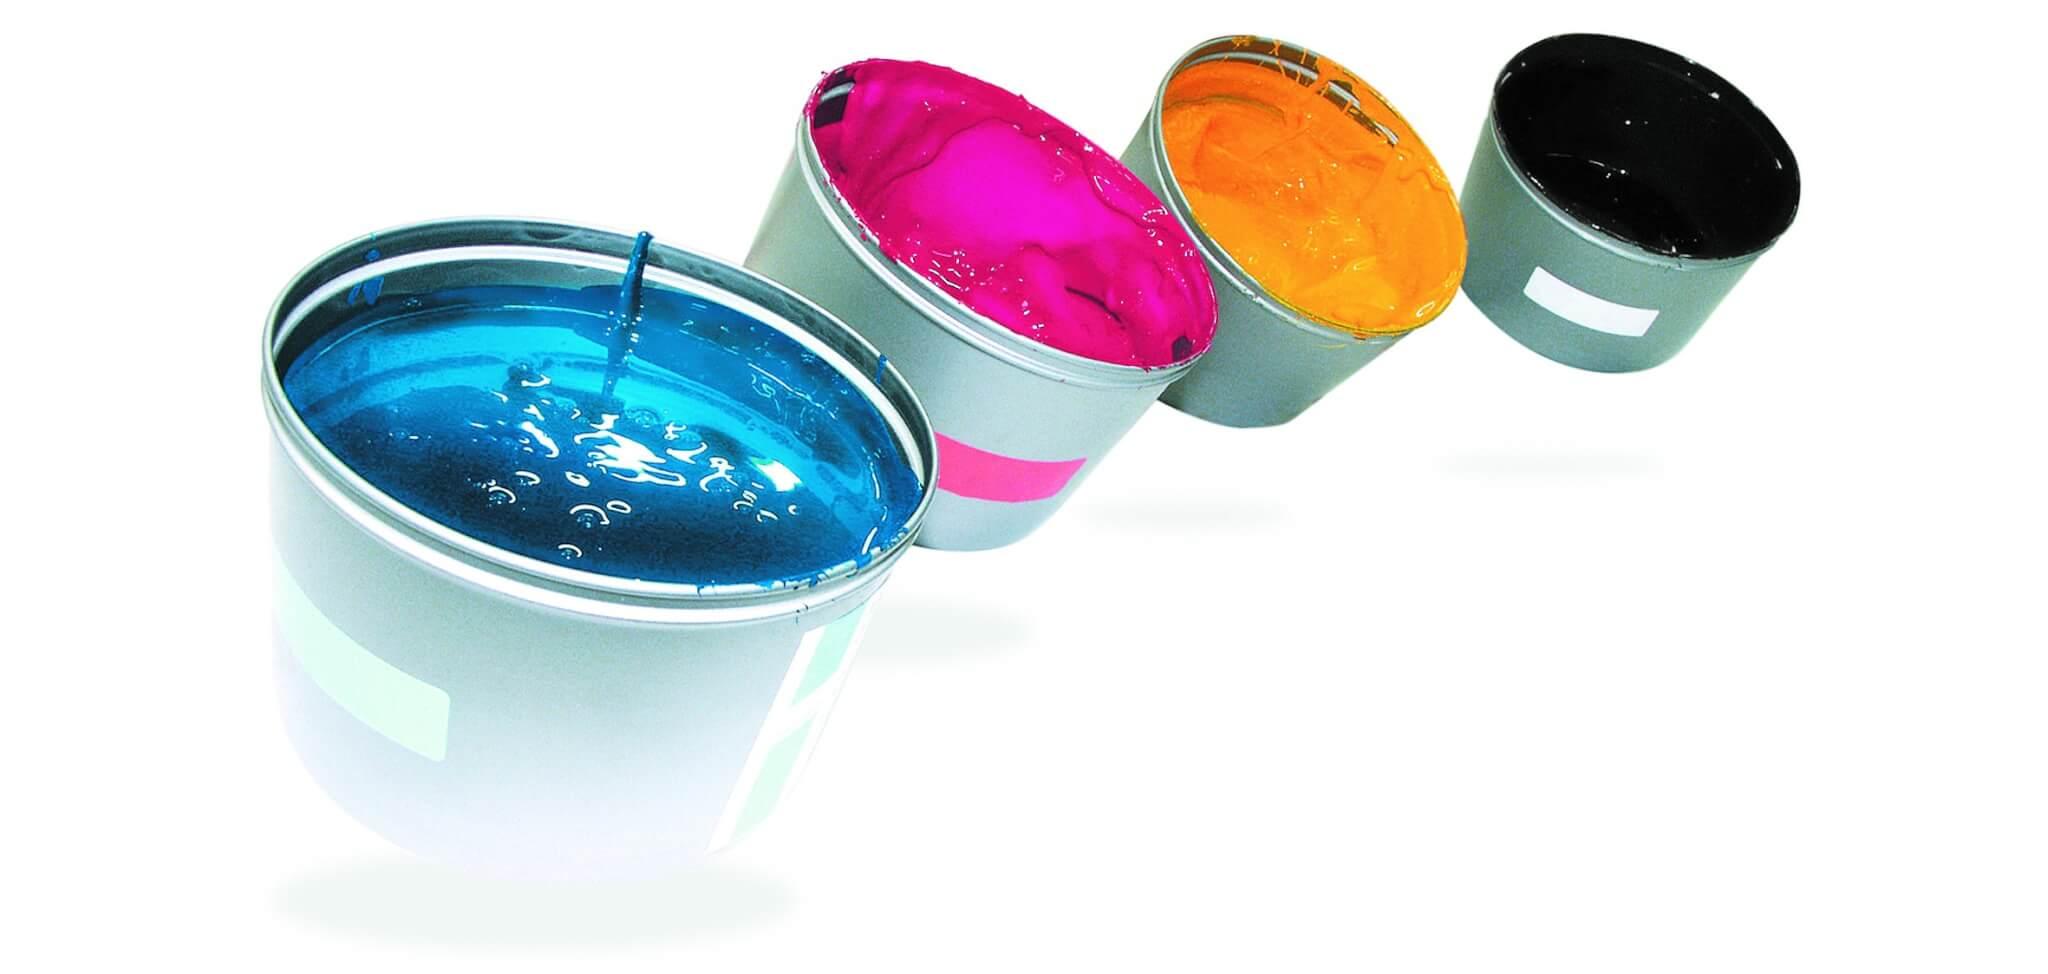 Wir drucken mit mineralölfreien Farben und denken an unsere Umwelt